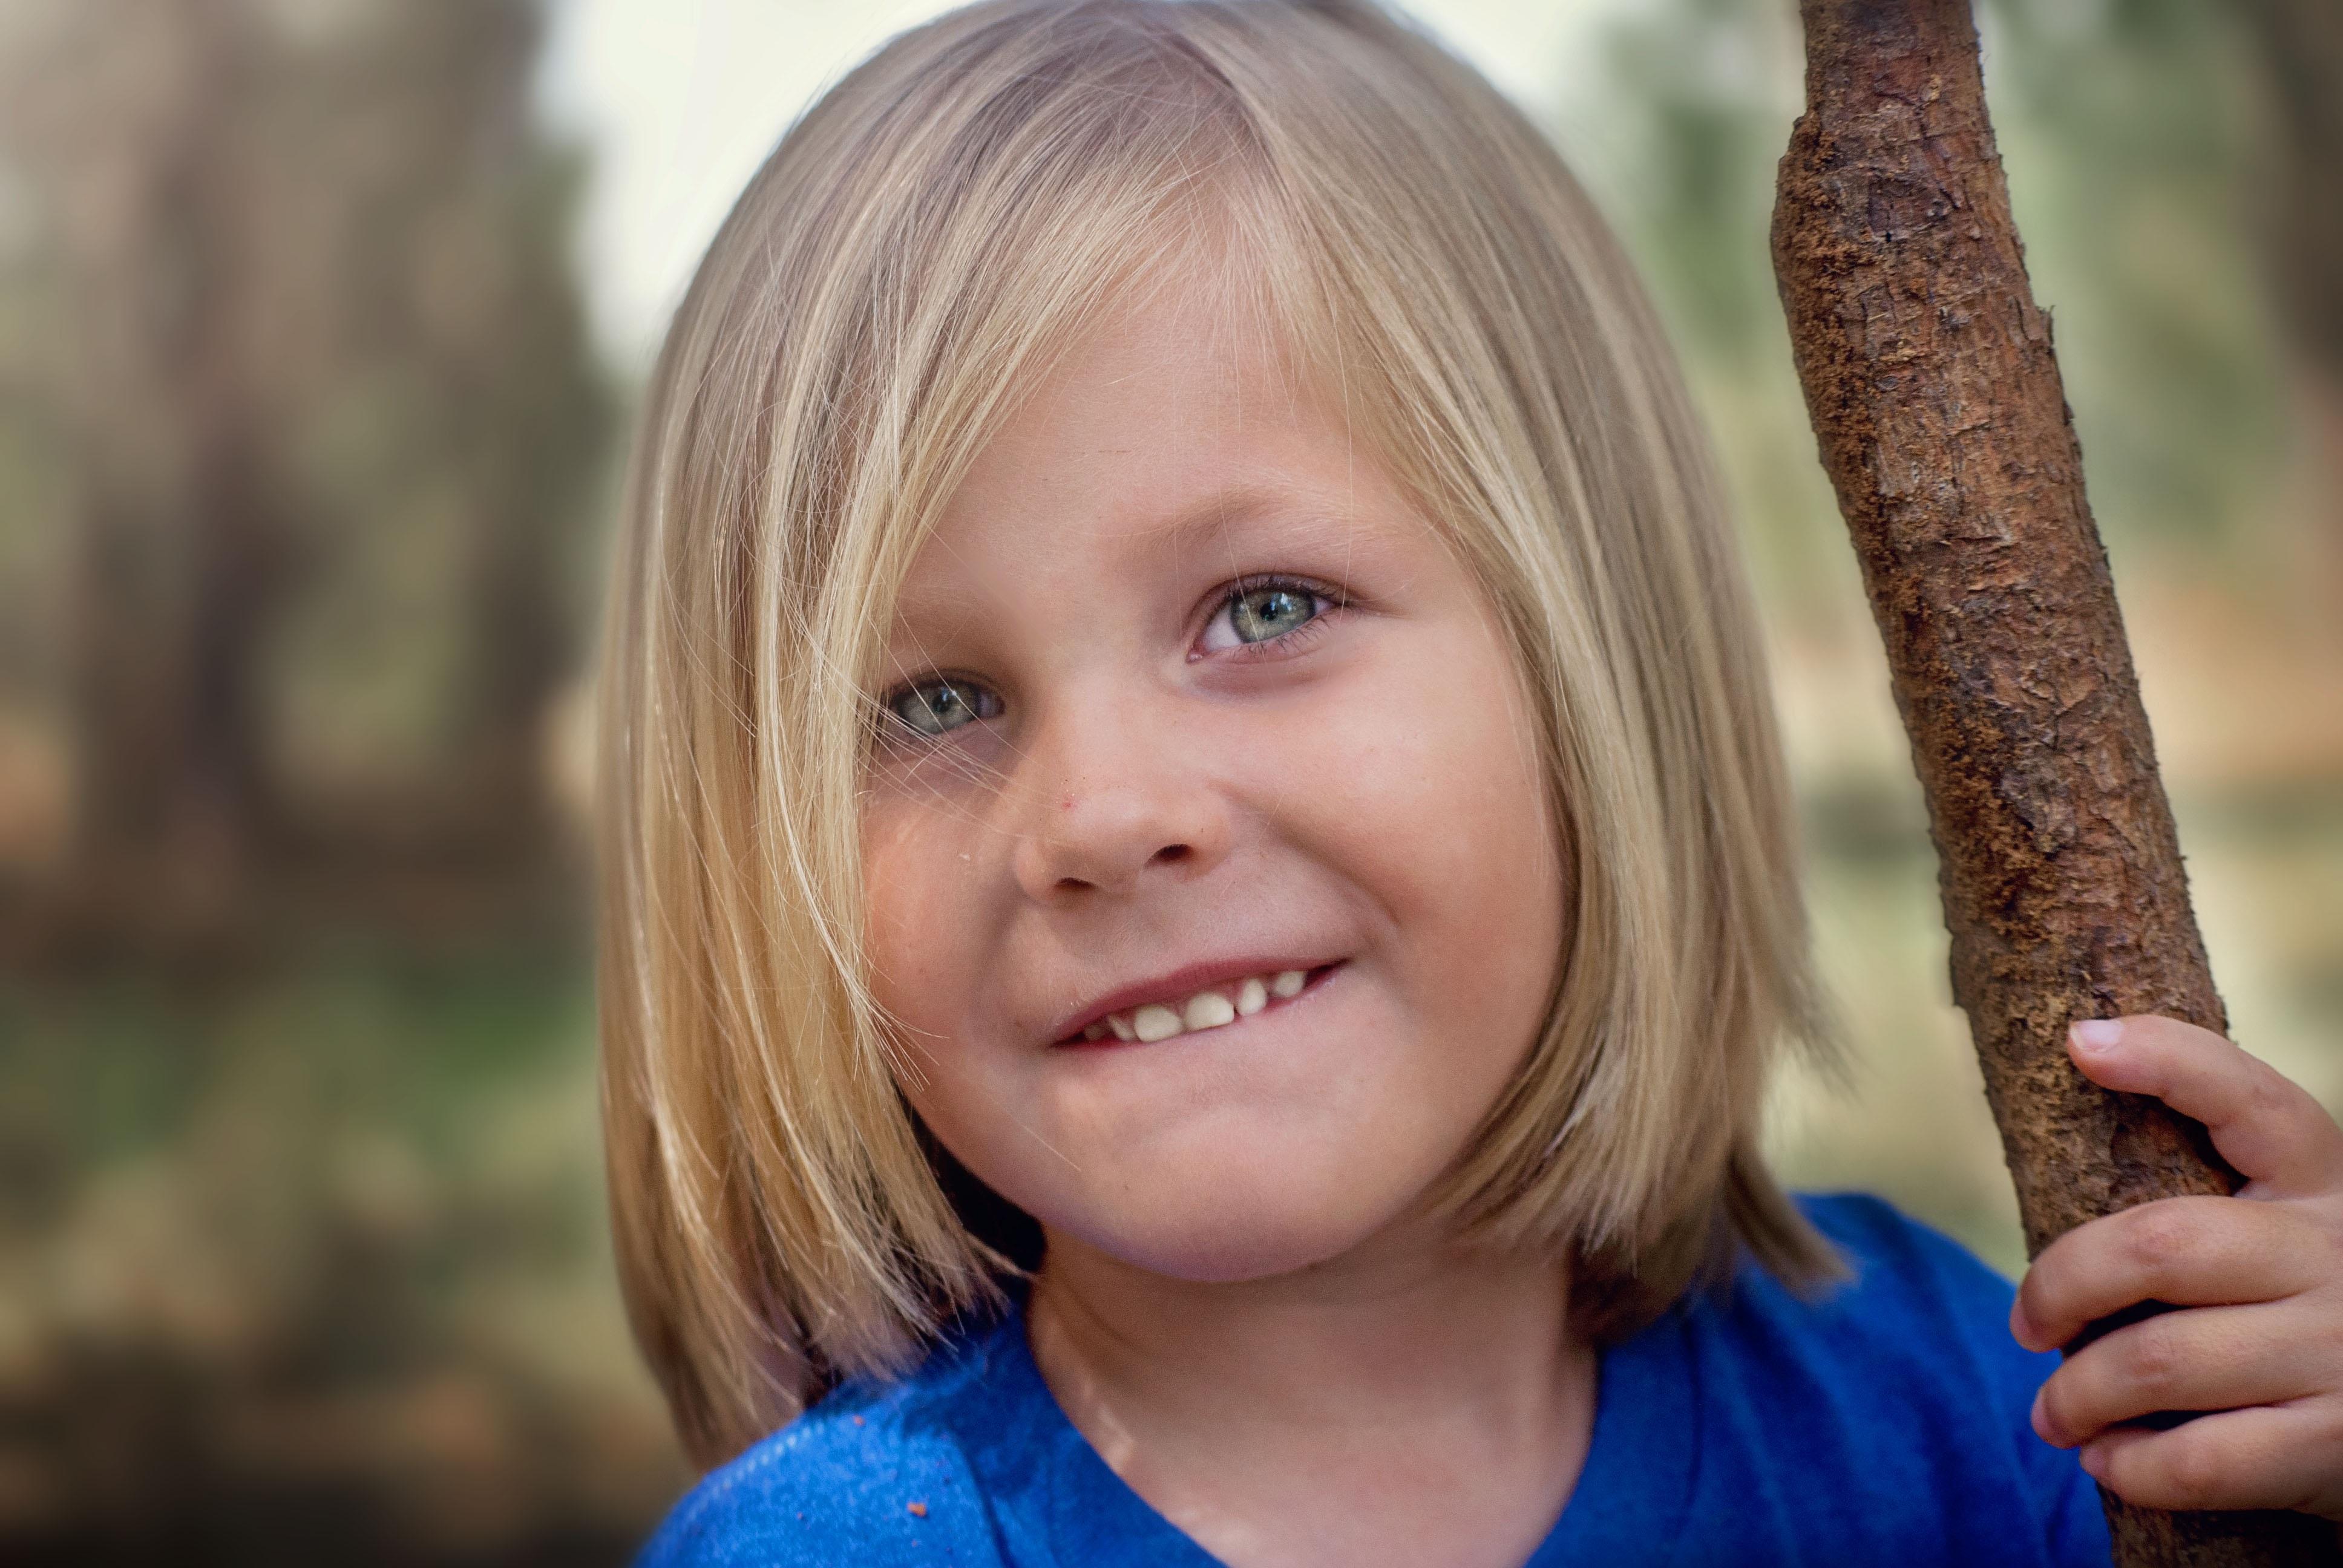 58d52d3b Bildet : natur, person, mennesker, pike, hår, hvit, fotografering, blomst,  gutt, kid, søt, mann, portrett, ung, vår, barn, ansiktsuttrykk, barndom,  frisyre, ...